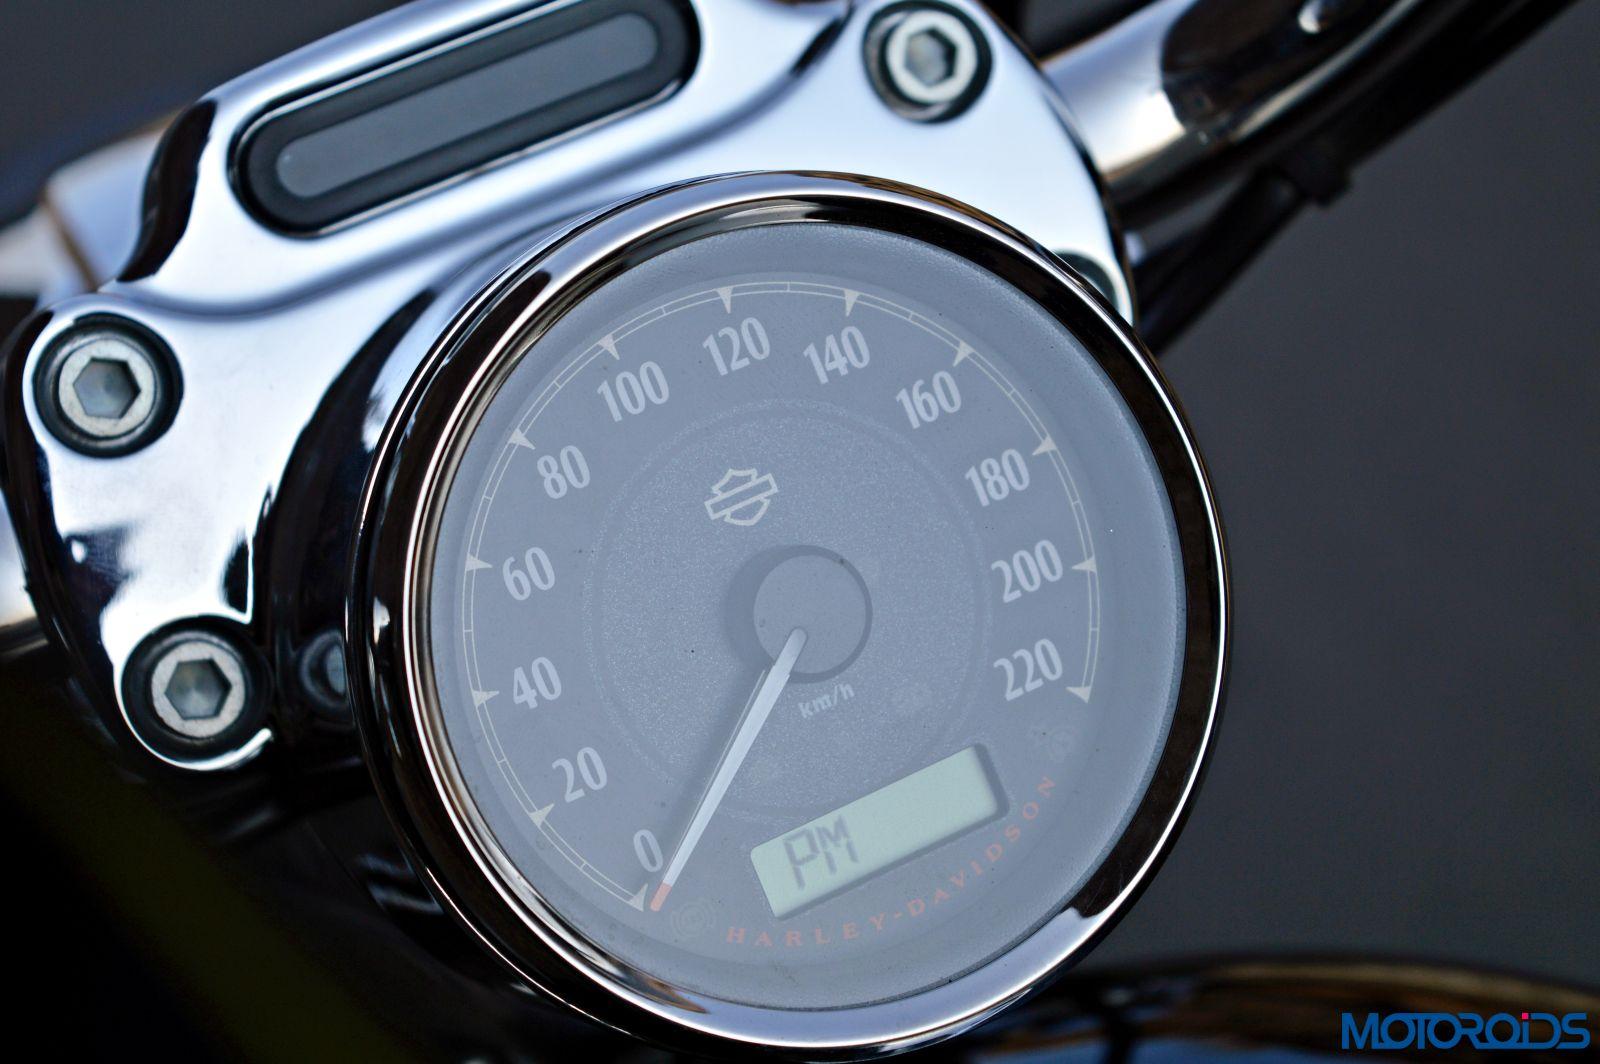 Harley-Davidson 1200 Custom Review - Details - Instrument Cluster (2)